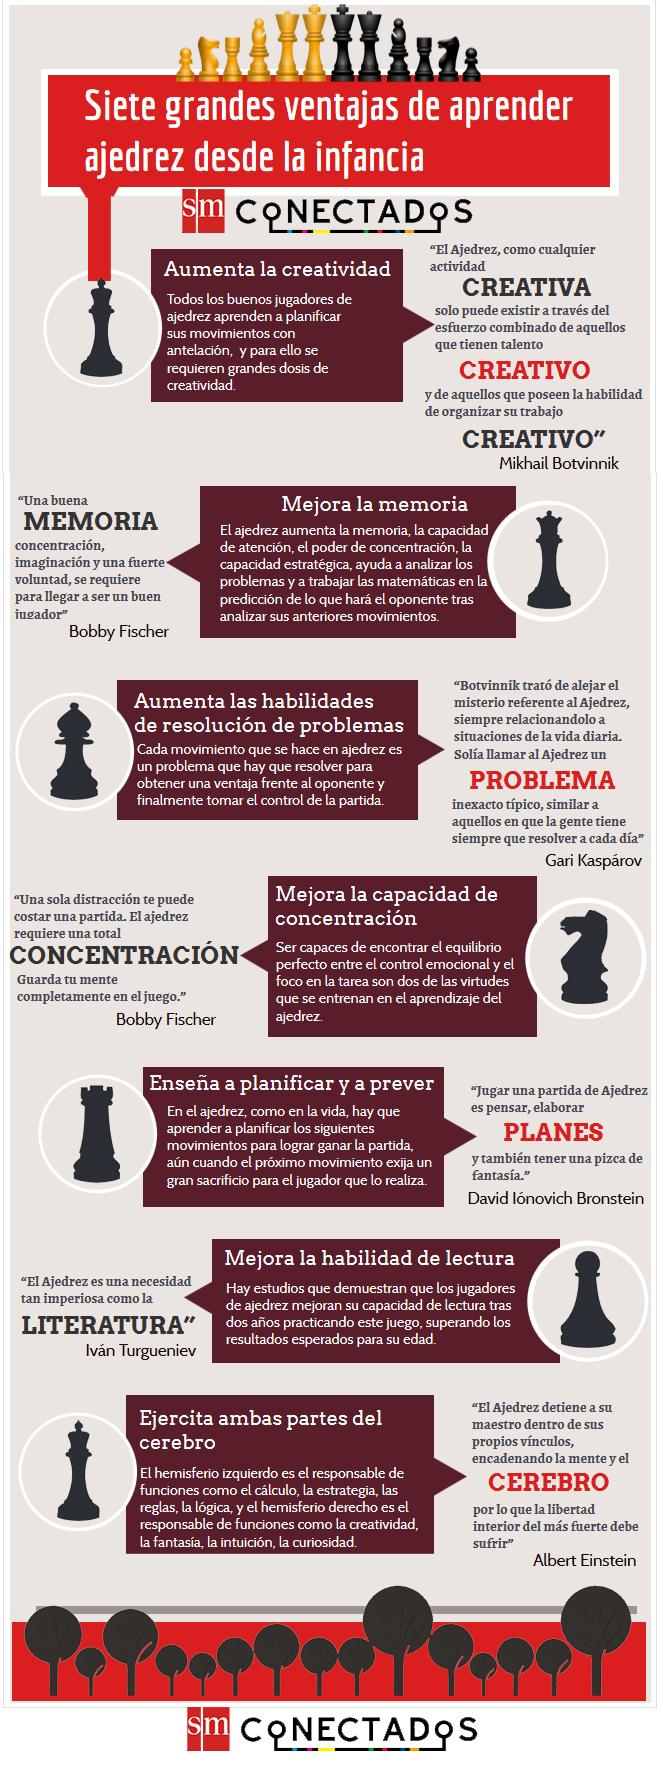 7 grandes ventajas de aprender ajedrez desde la infancia